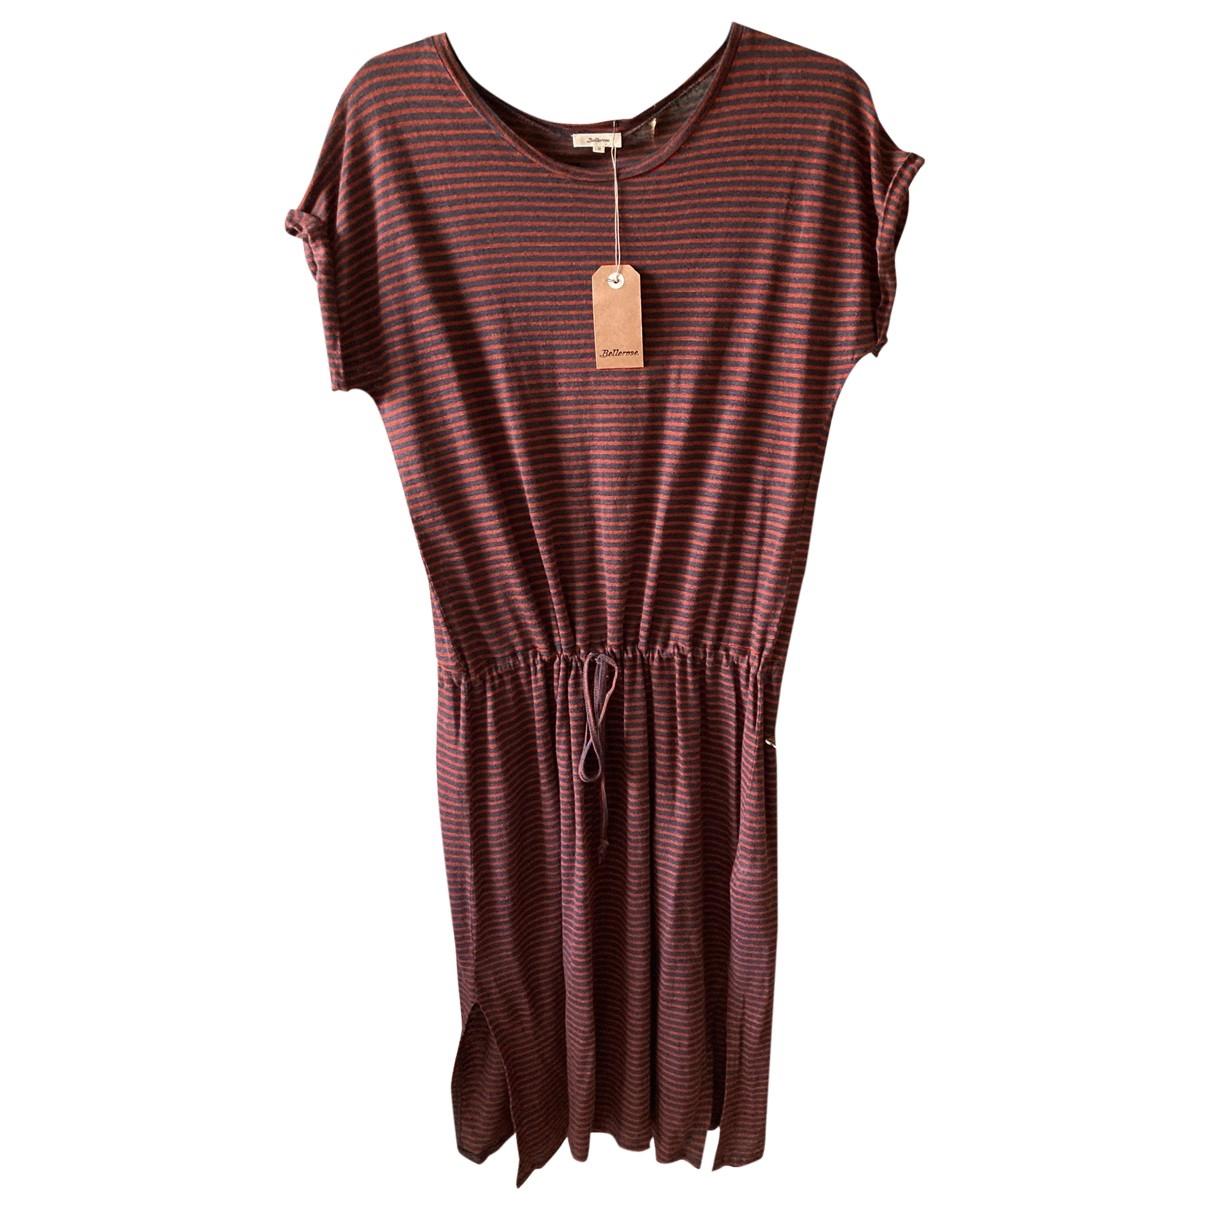 Bellerose \N Kleid in Leinen